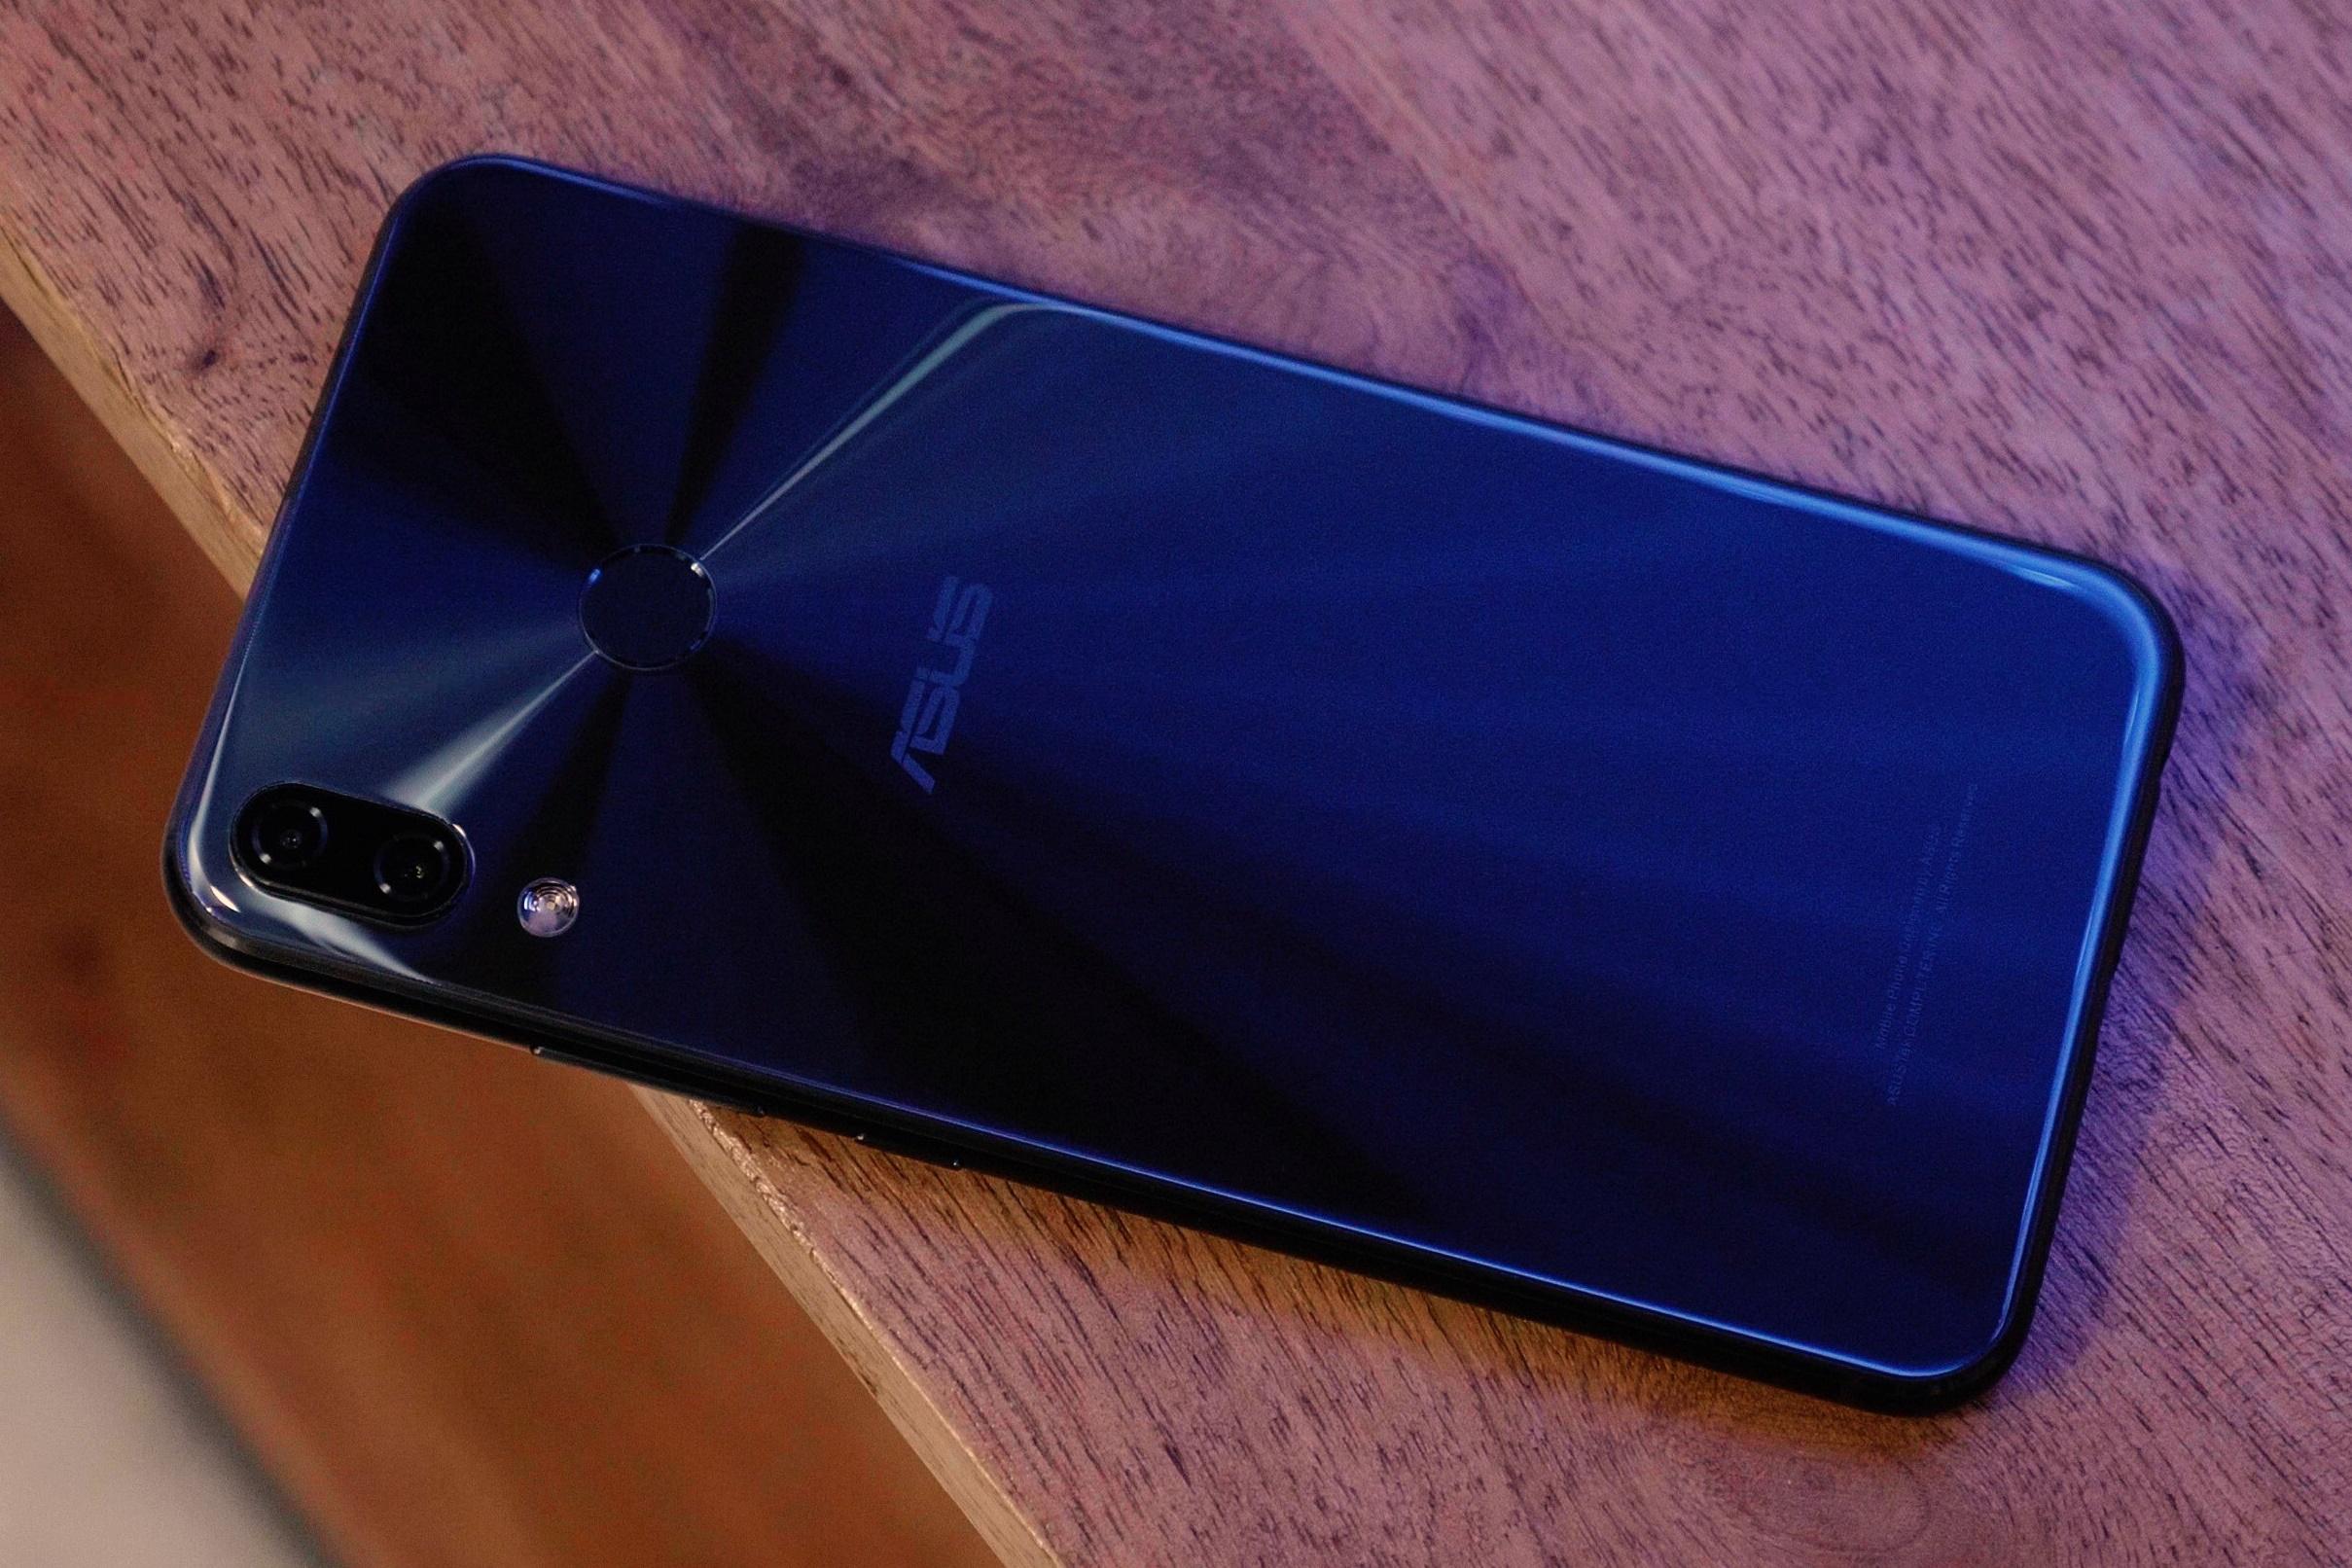 77ffb300813b3 Vaza suposto ZenFone 6 (2019) da Asus com notch pequeno e descentralizado